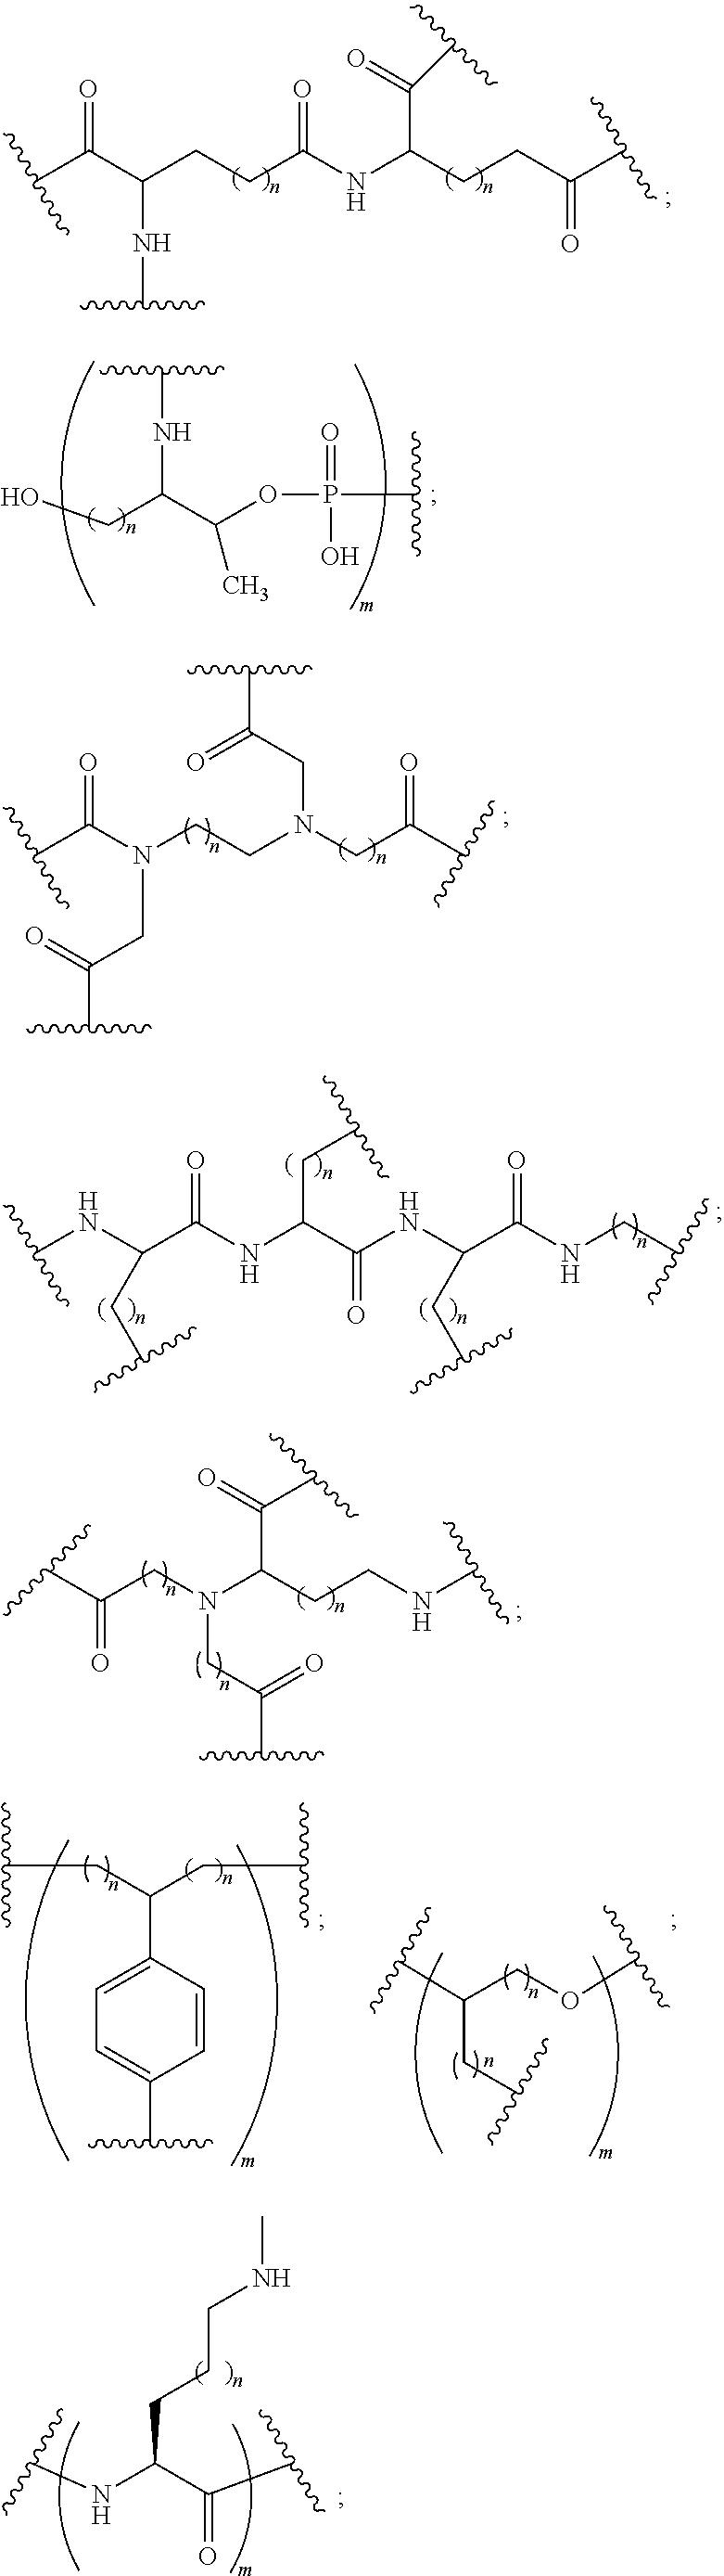 Figure US09943604-20180417-C00041